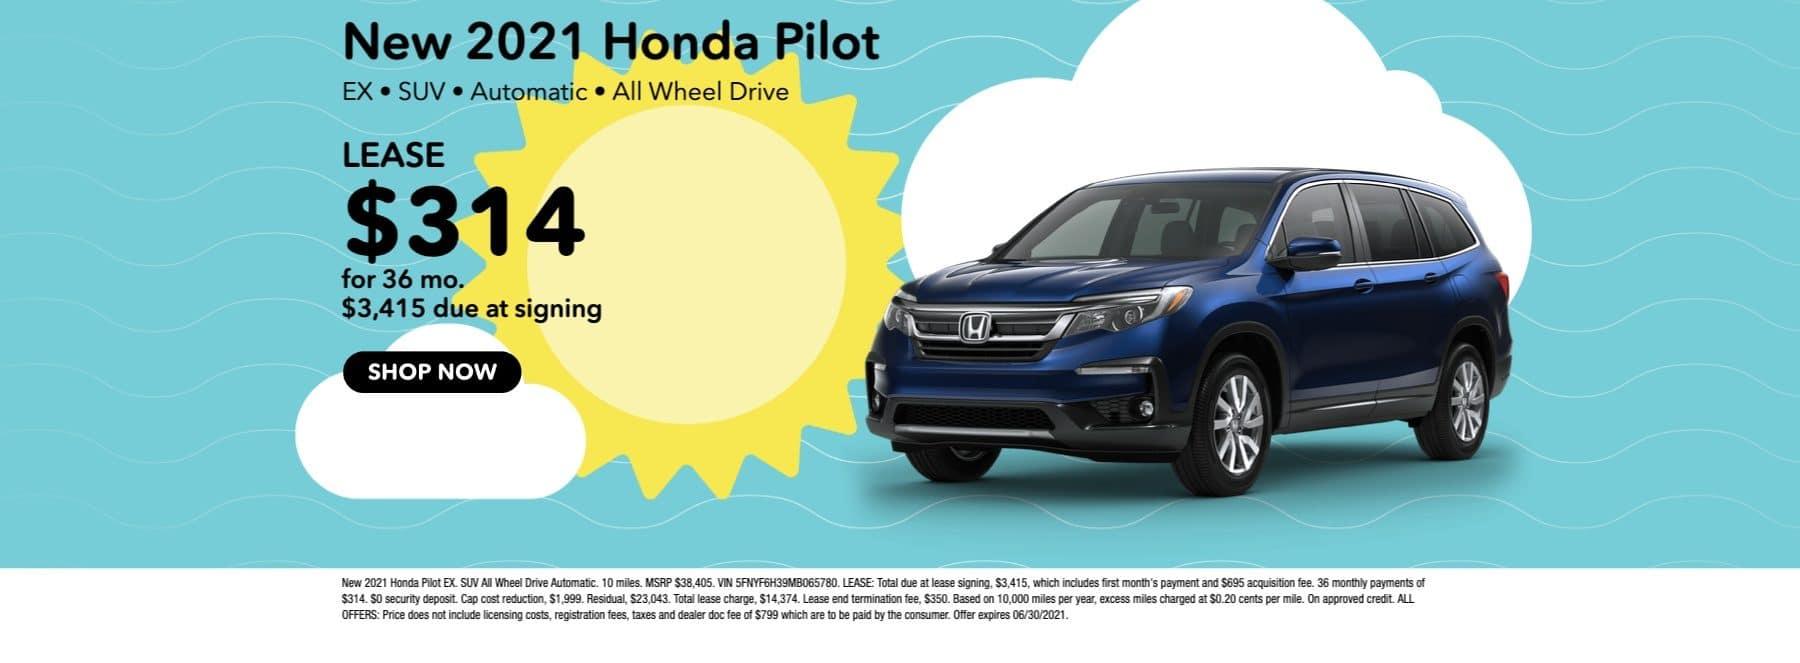 New 2021 Honda Pilot